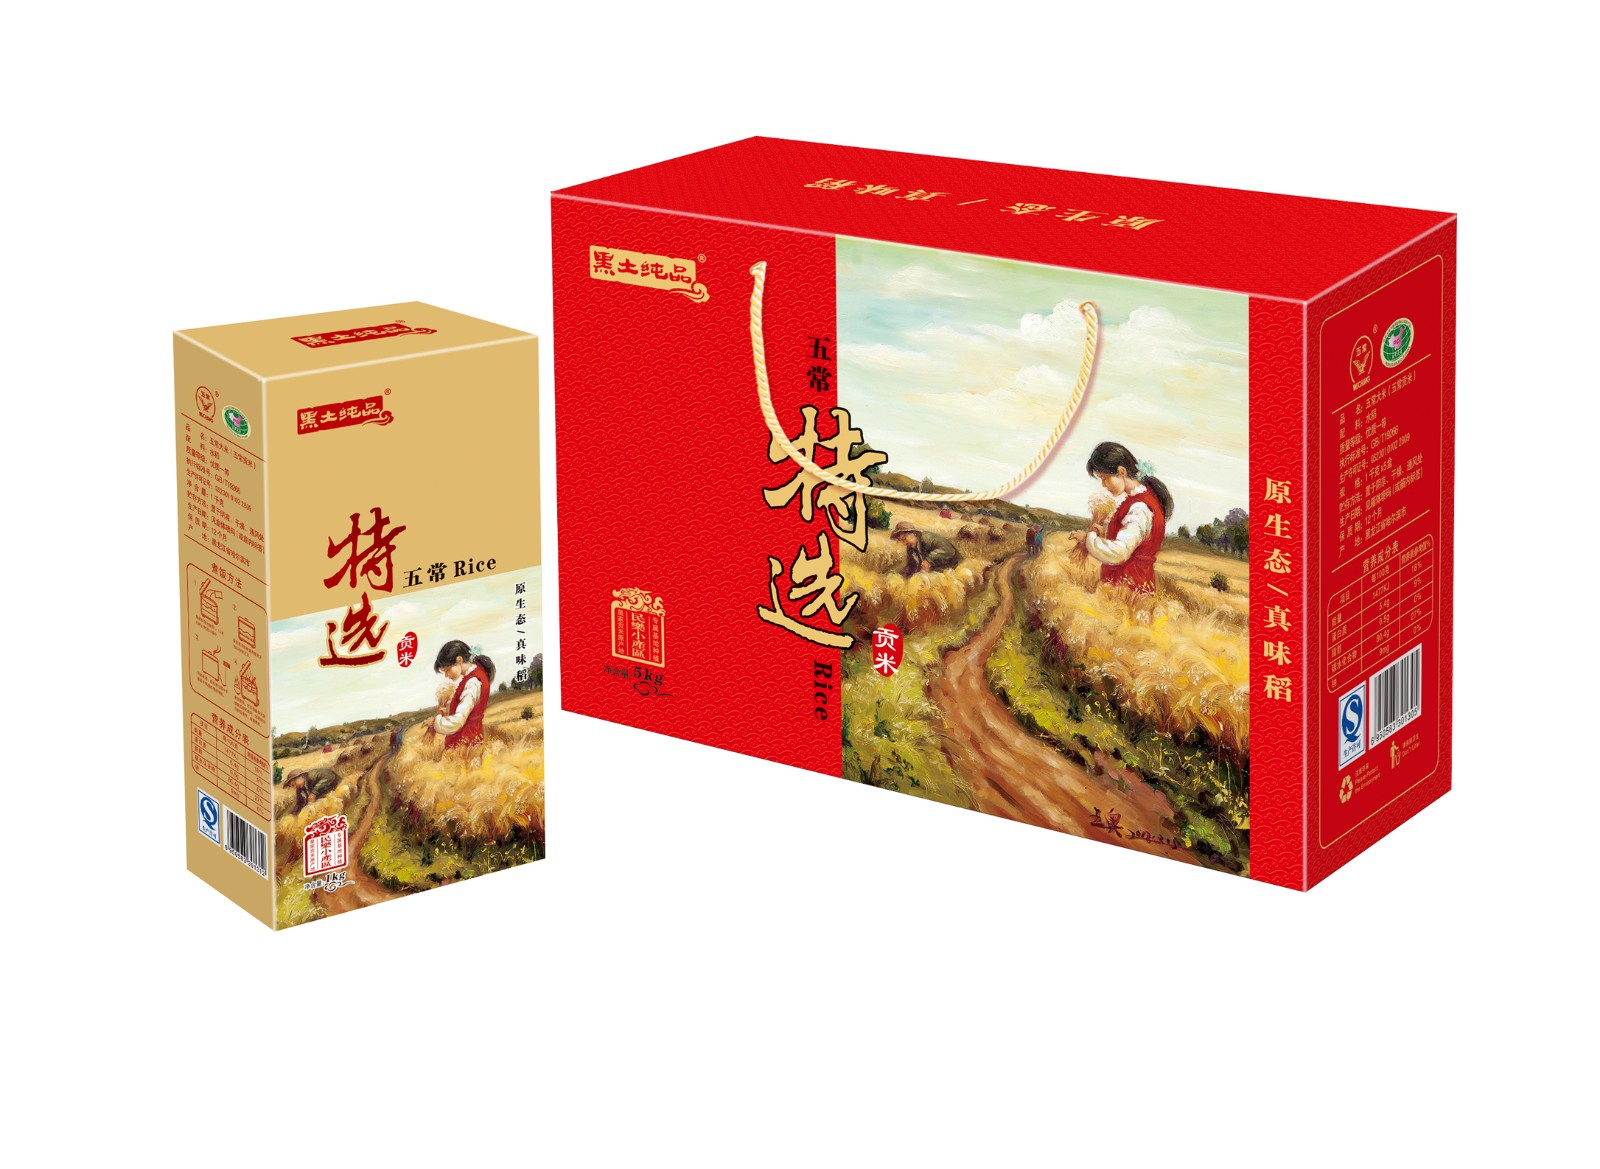 大米包裝箱5.jpg